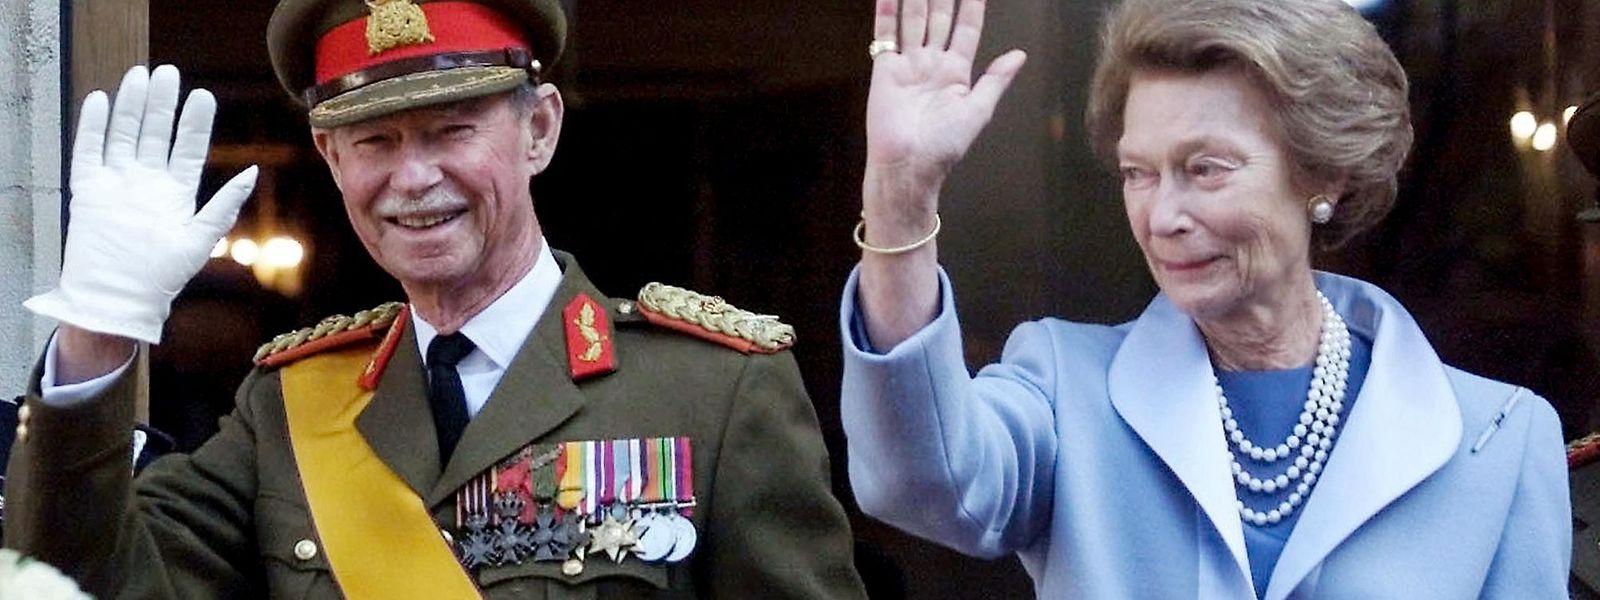 Großherzog Jean und Großherzogin Joséphine-Charlotte´bei der Amtsübergabe am 7. Oktober 2000.